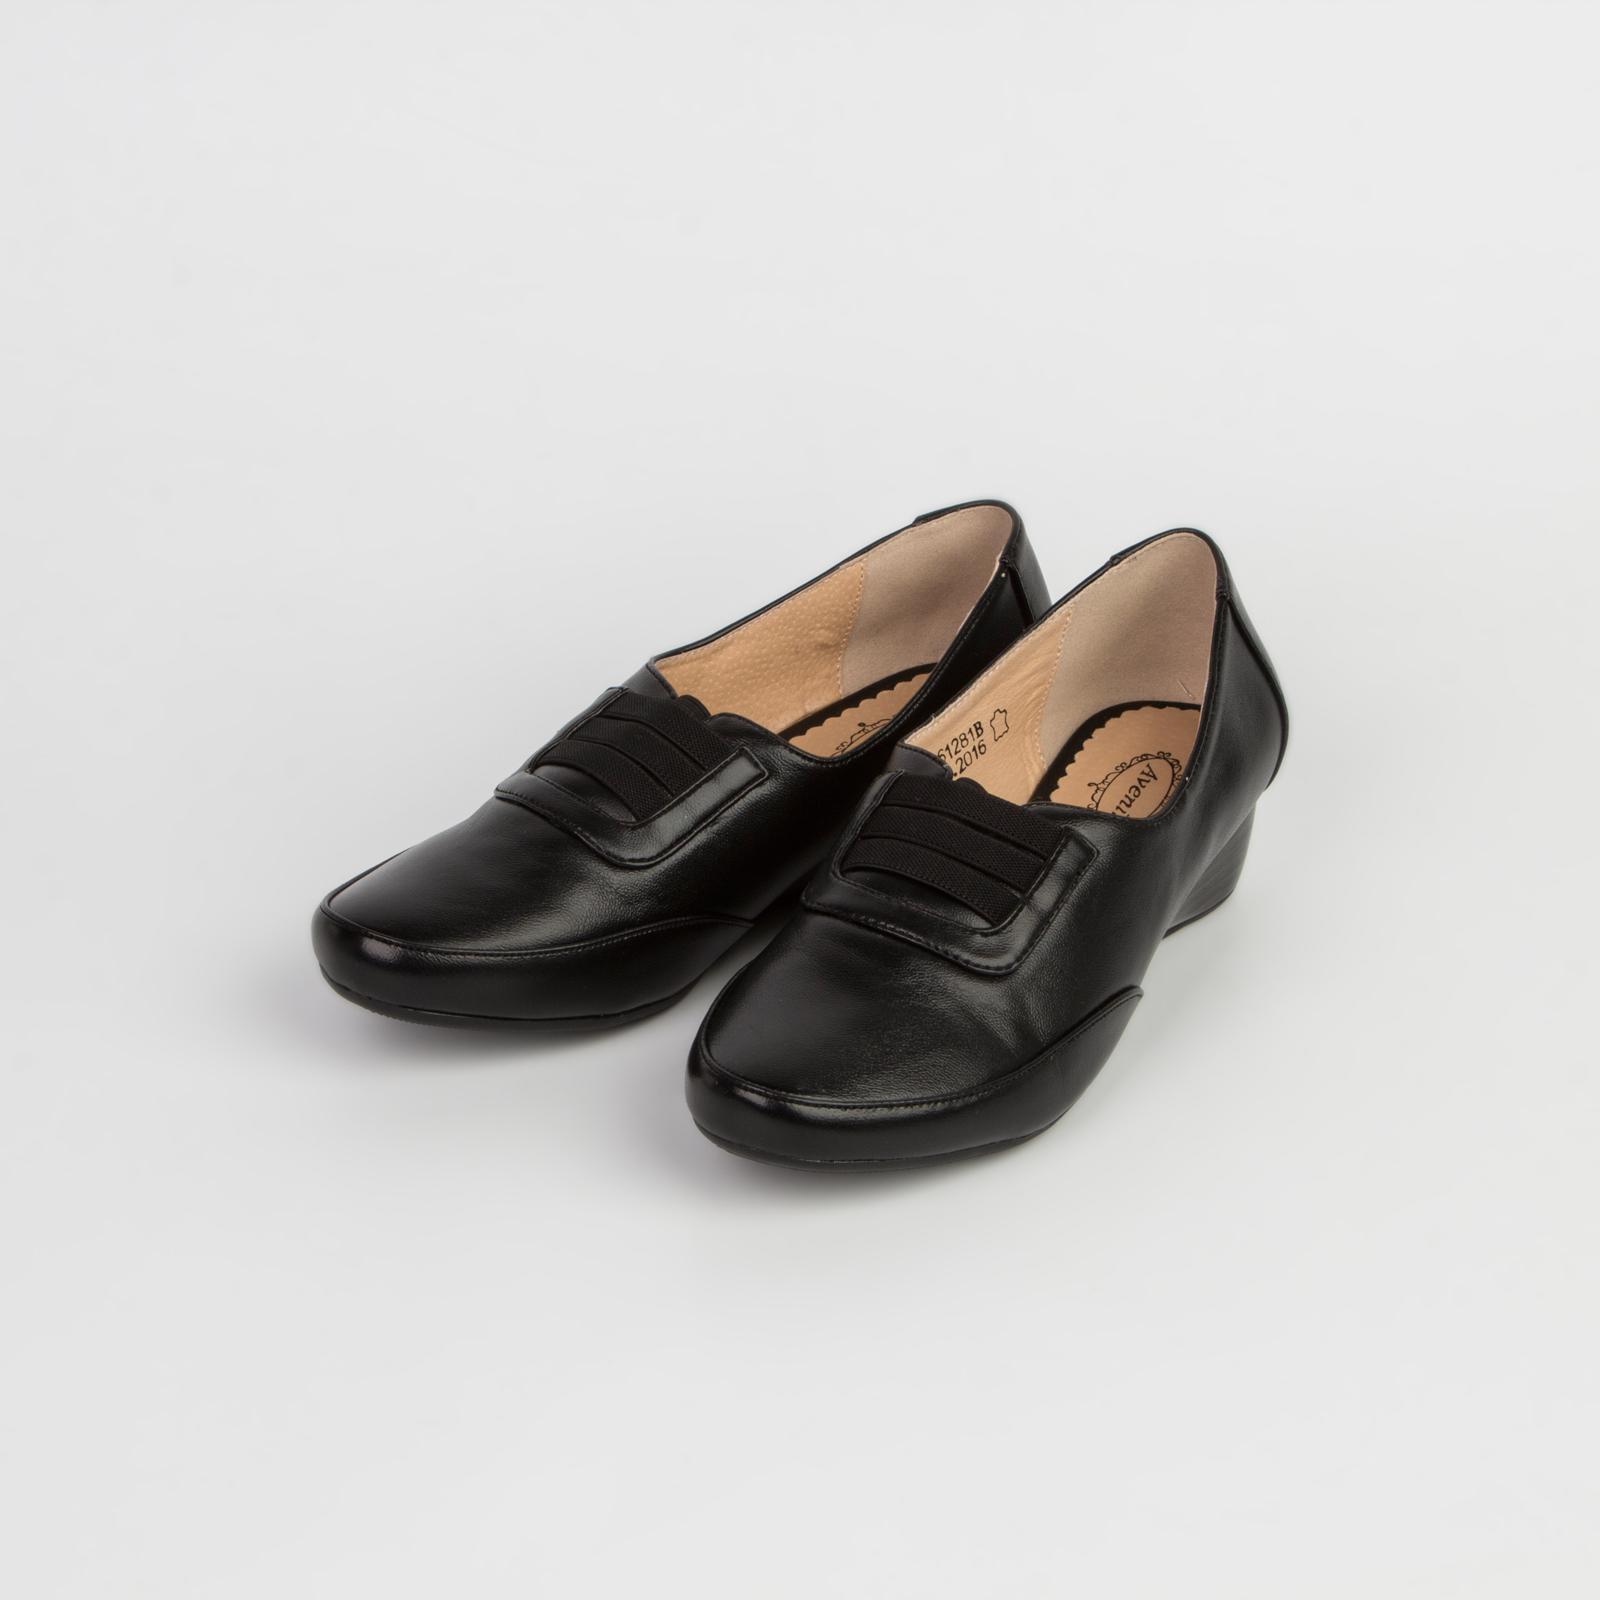 Туфли женские на невысокой танкетке со шнуровкой